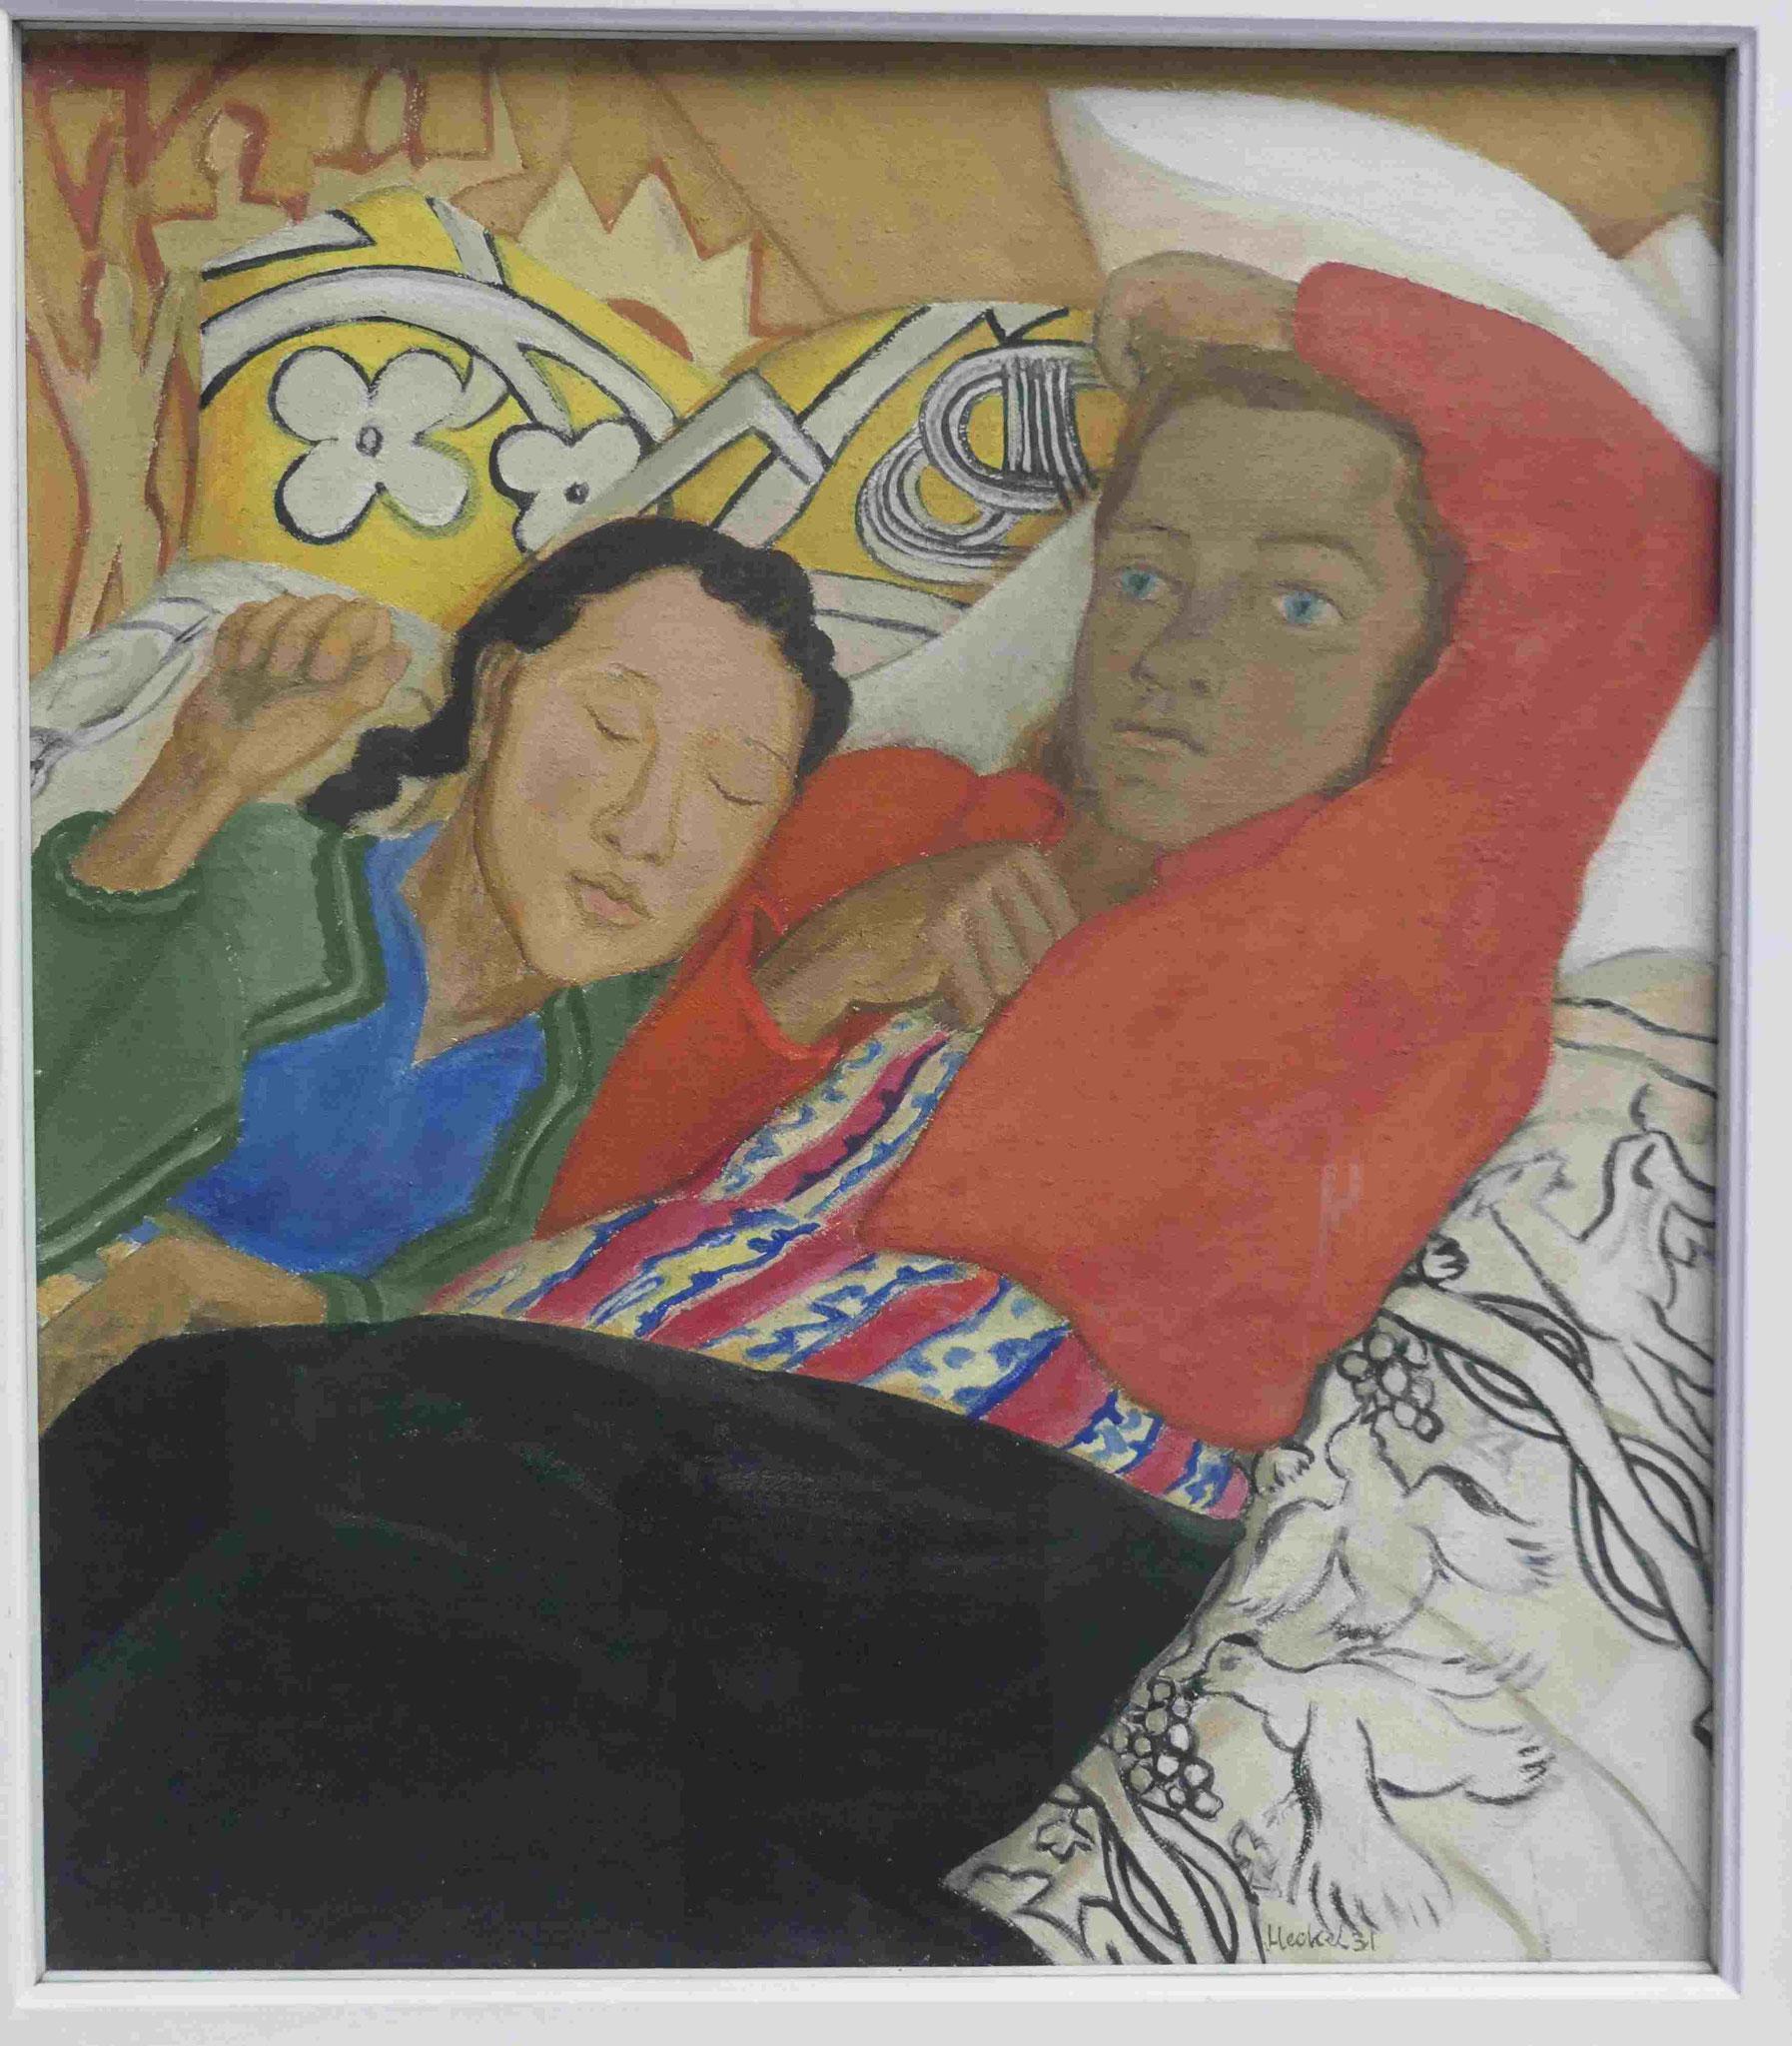 Erich Heckel, Frau und Kind, 1921 Kunsthalle zu Kiel